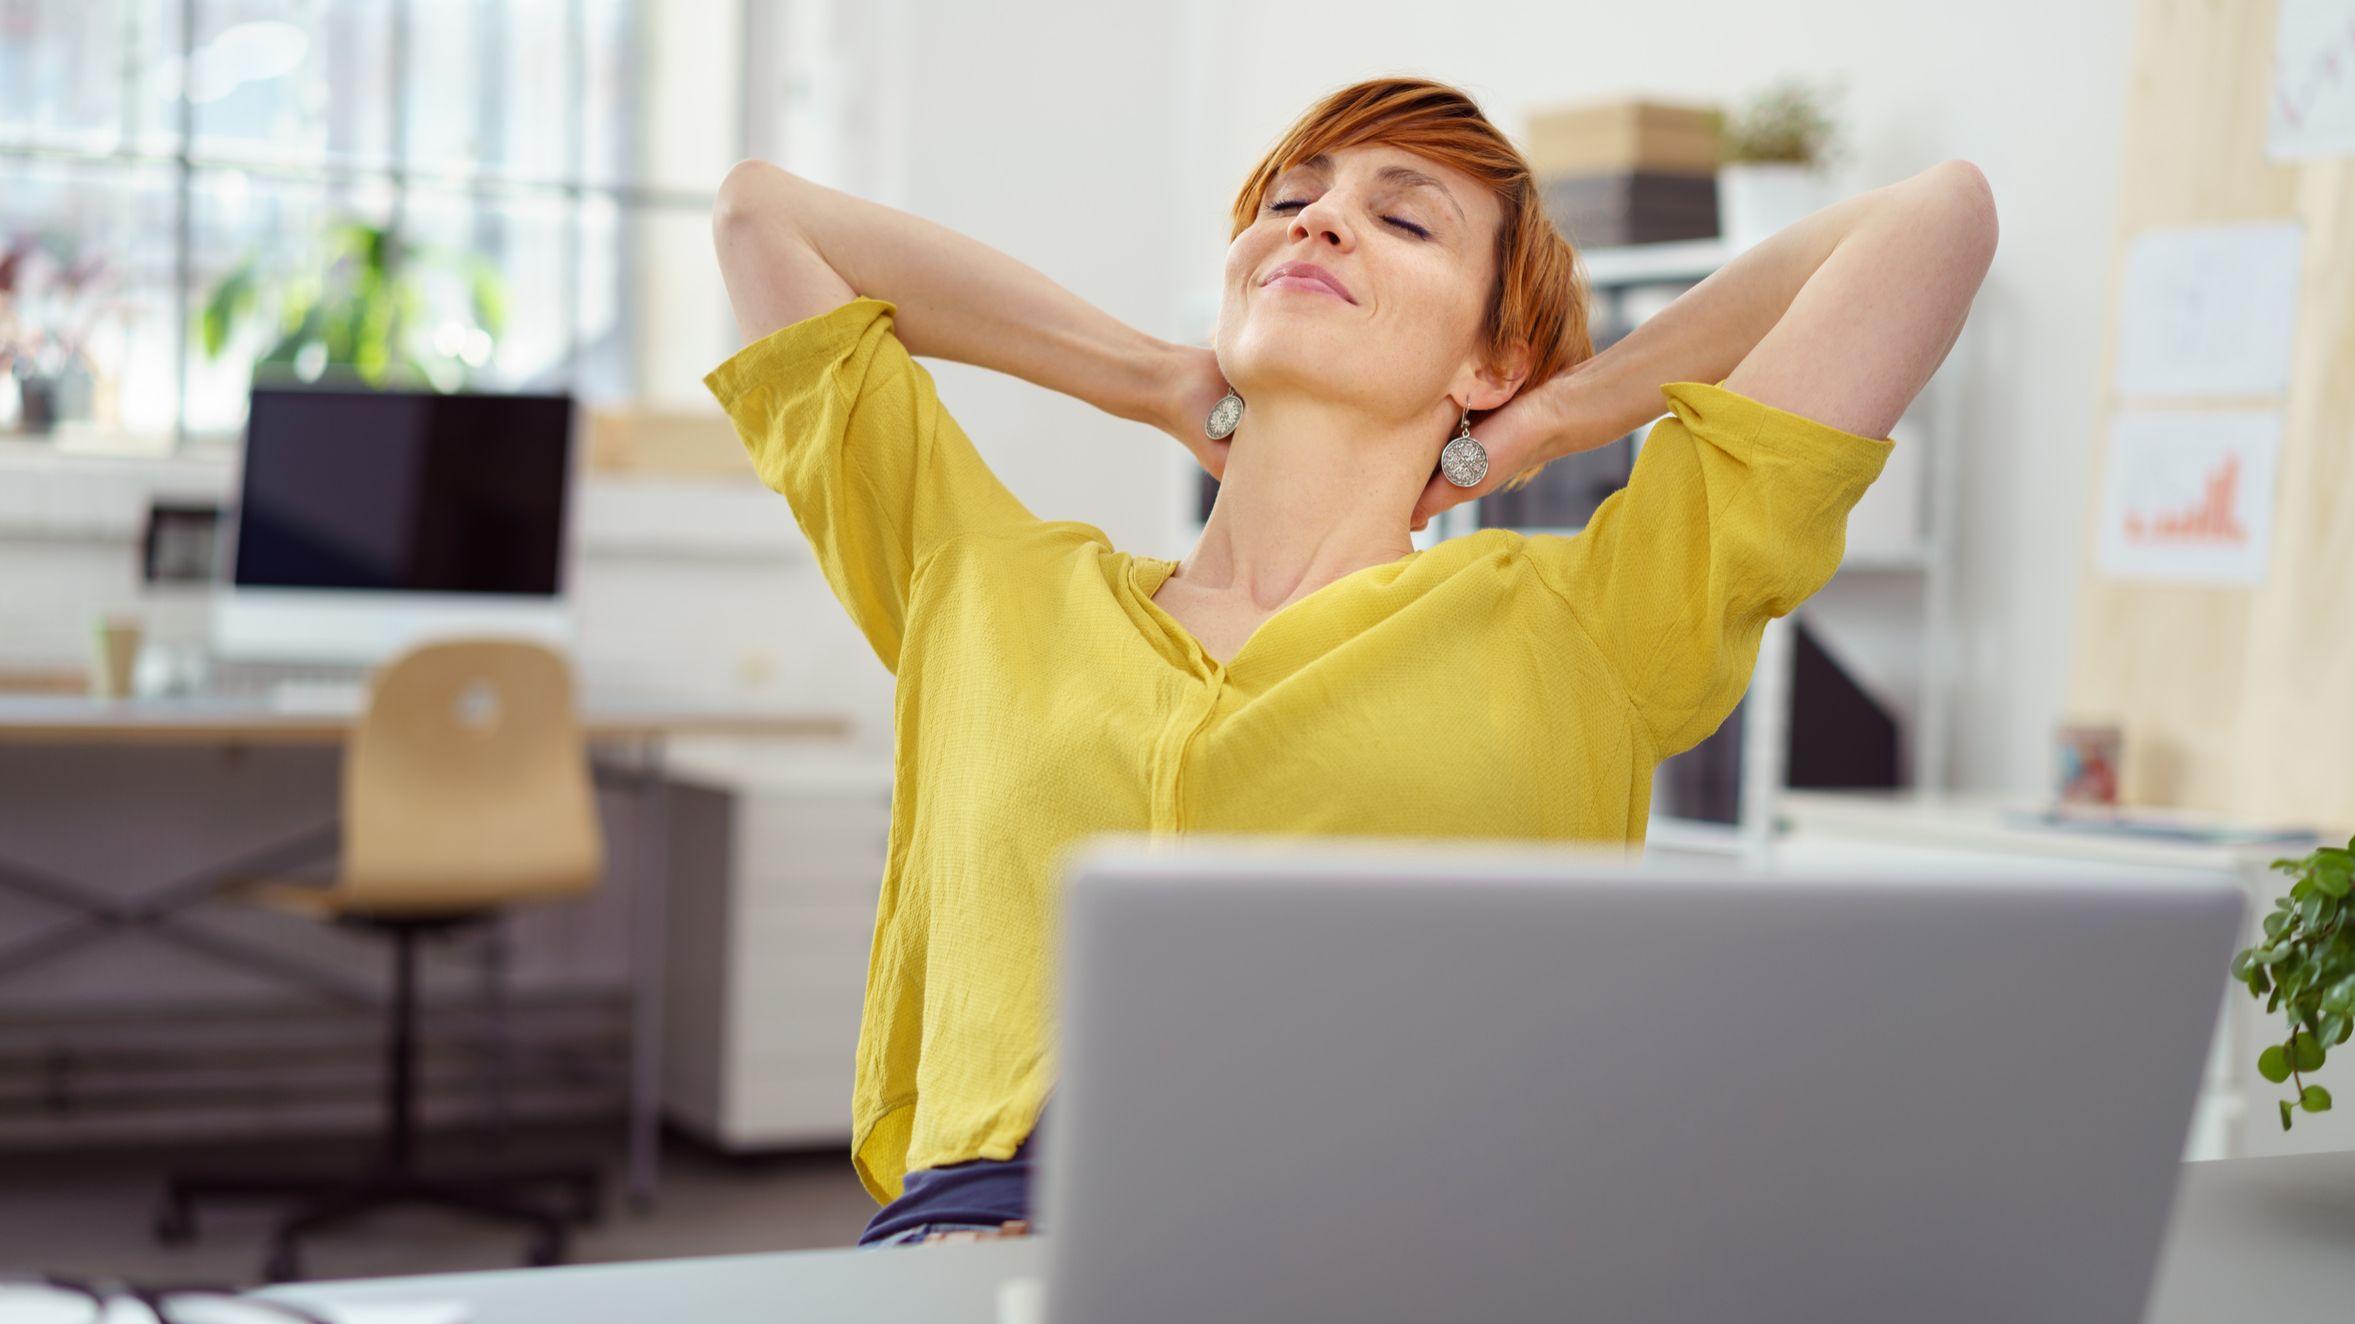 Gesund und fit im Büro